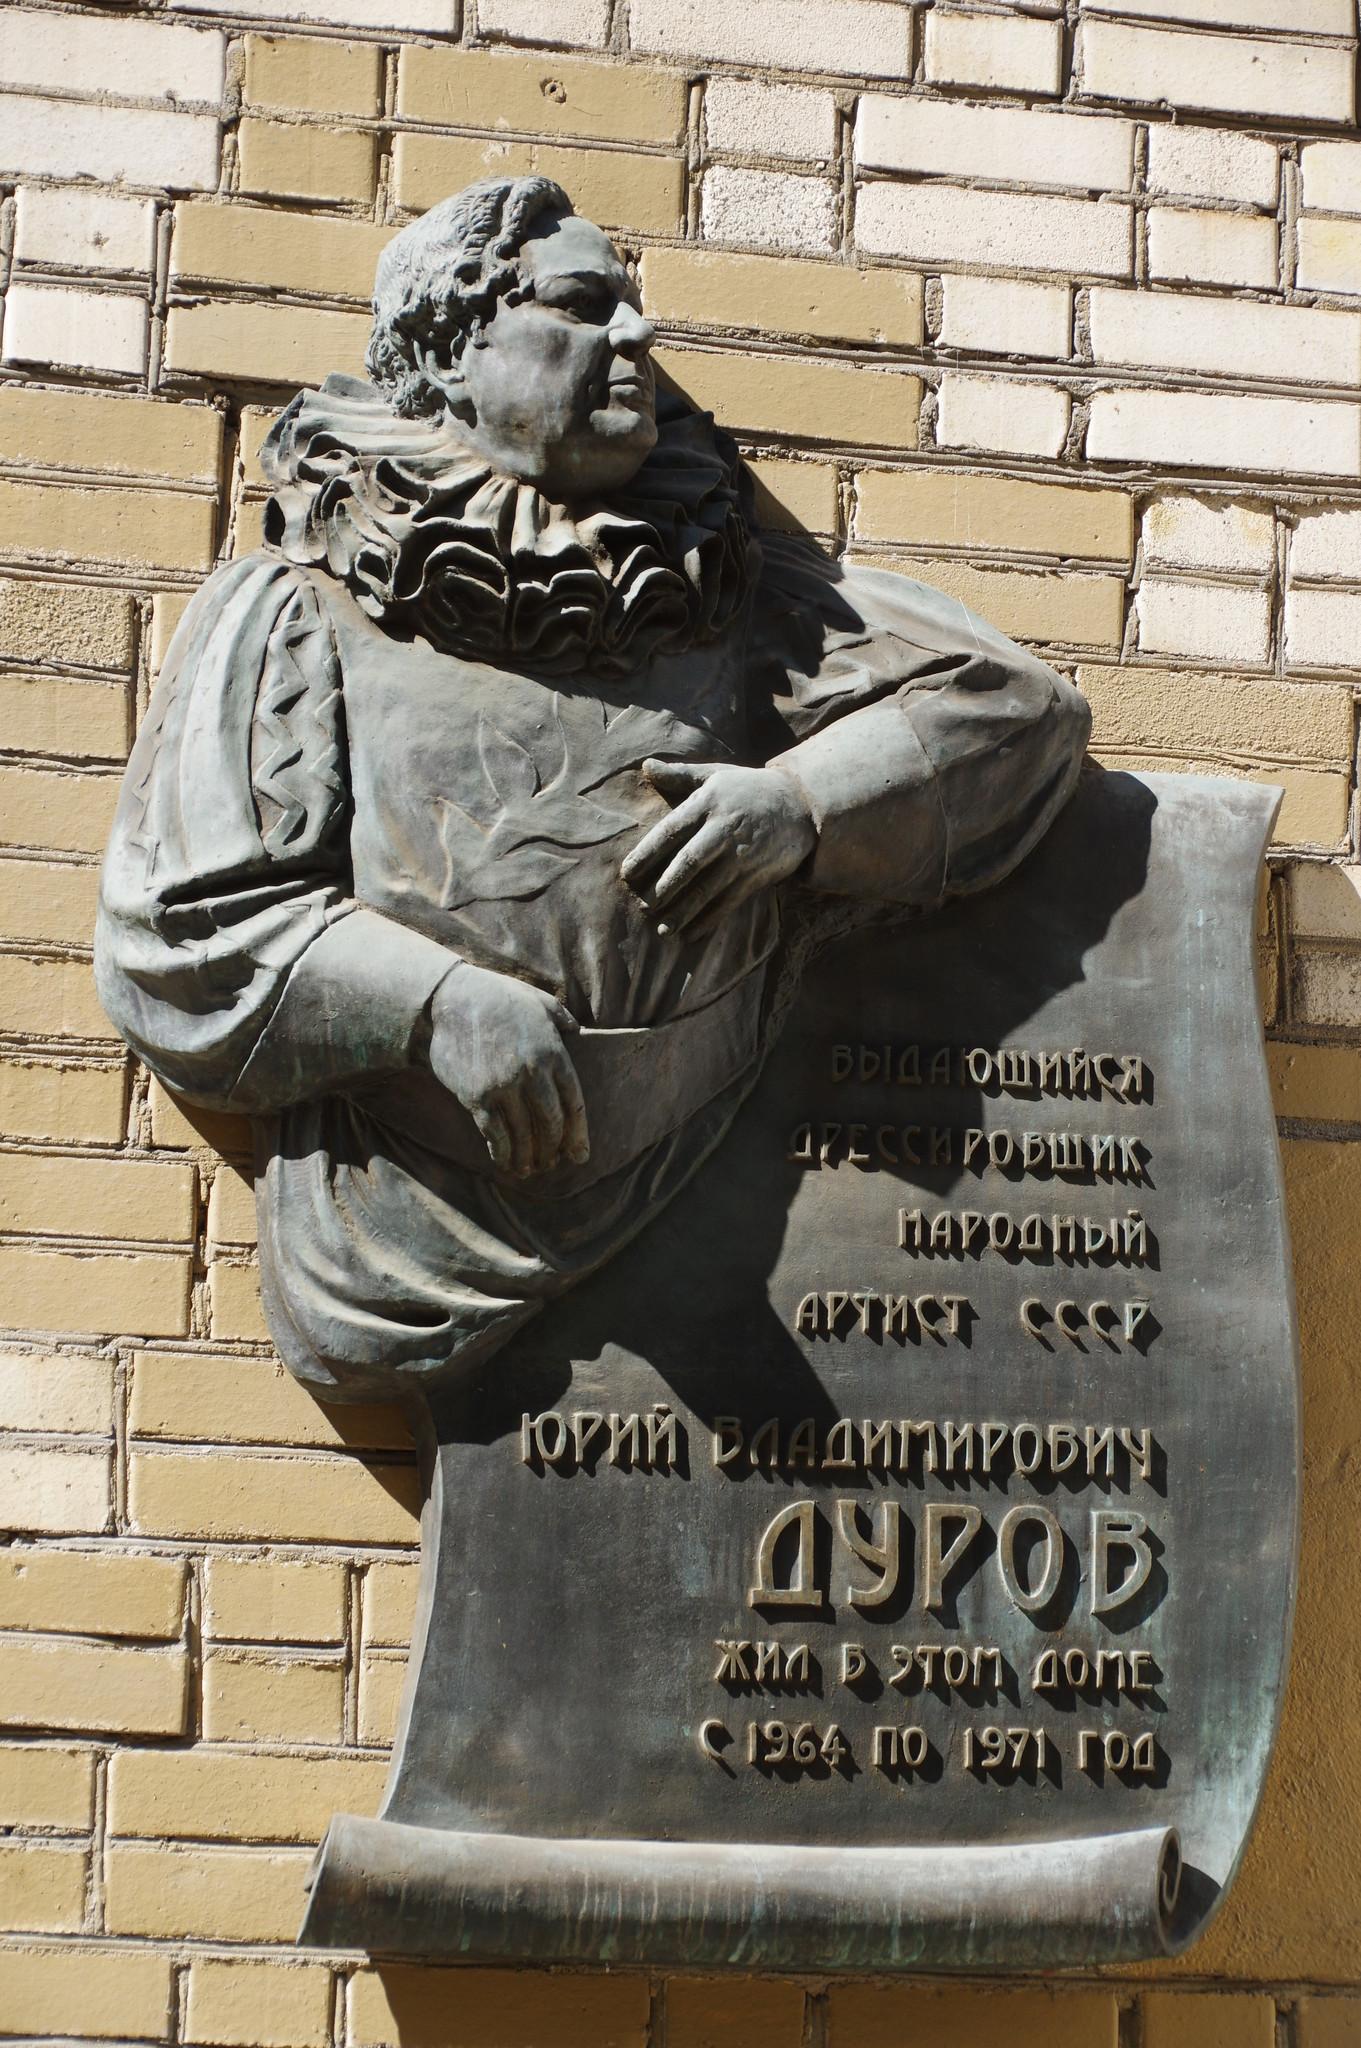 Мемориальная доска Ю.В. Дурову в Москве на фасаде дома (улица Черняховского, дом 5, корпус 2), где он жил с 1964 года по 1971 год